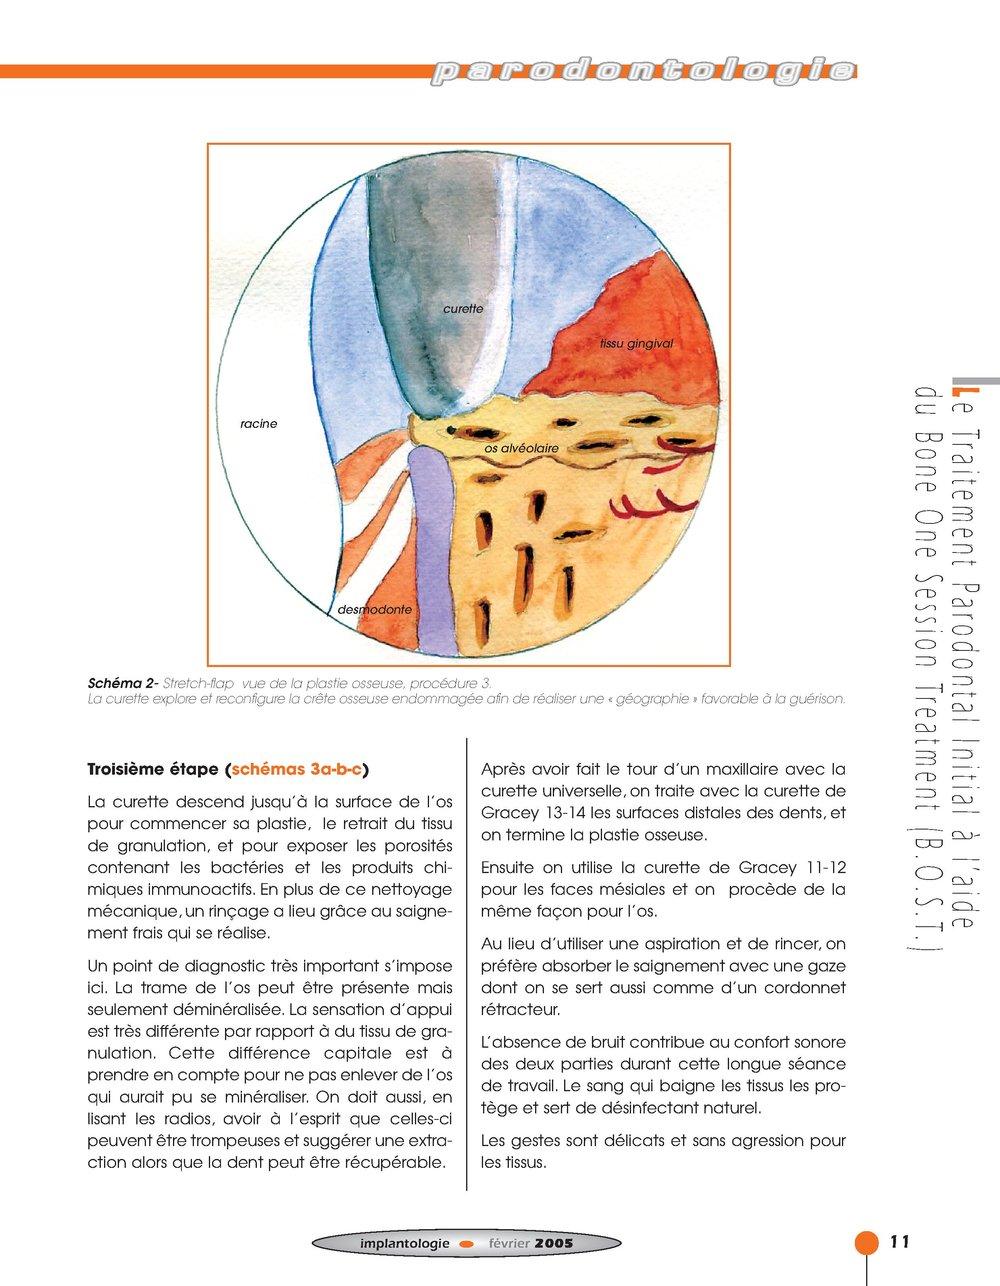 Implantologie BOST Article 14 BLZ-5.jpg